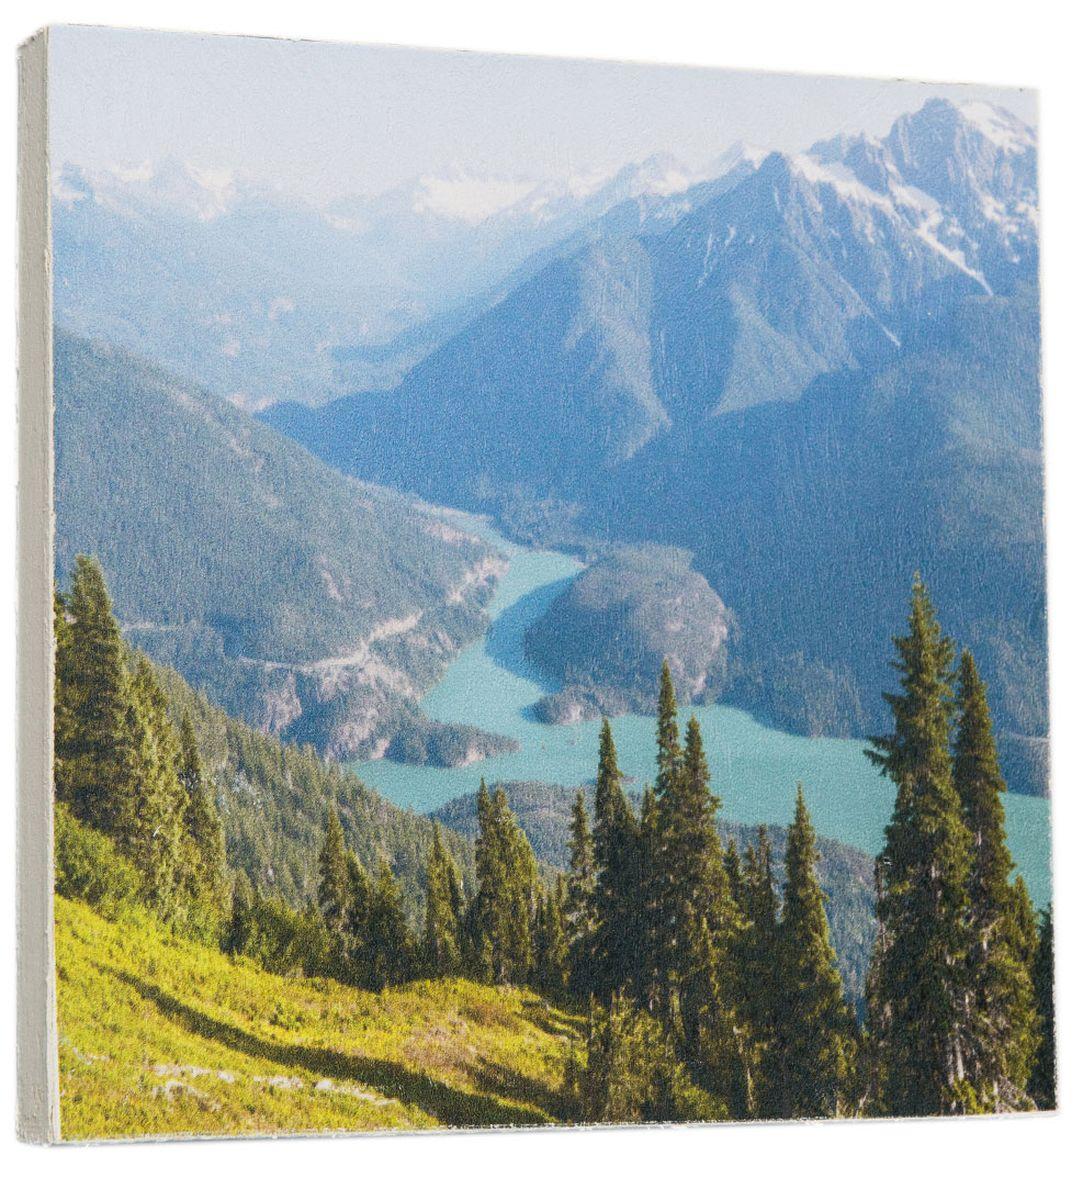 Картина Красивые горные вершины, 22 х 22 см